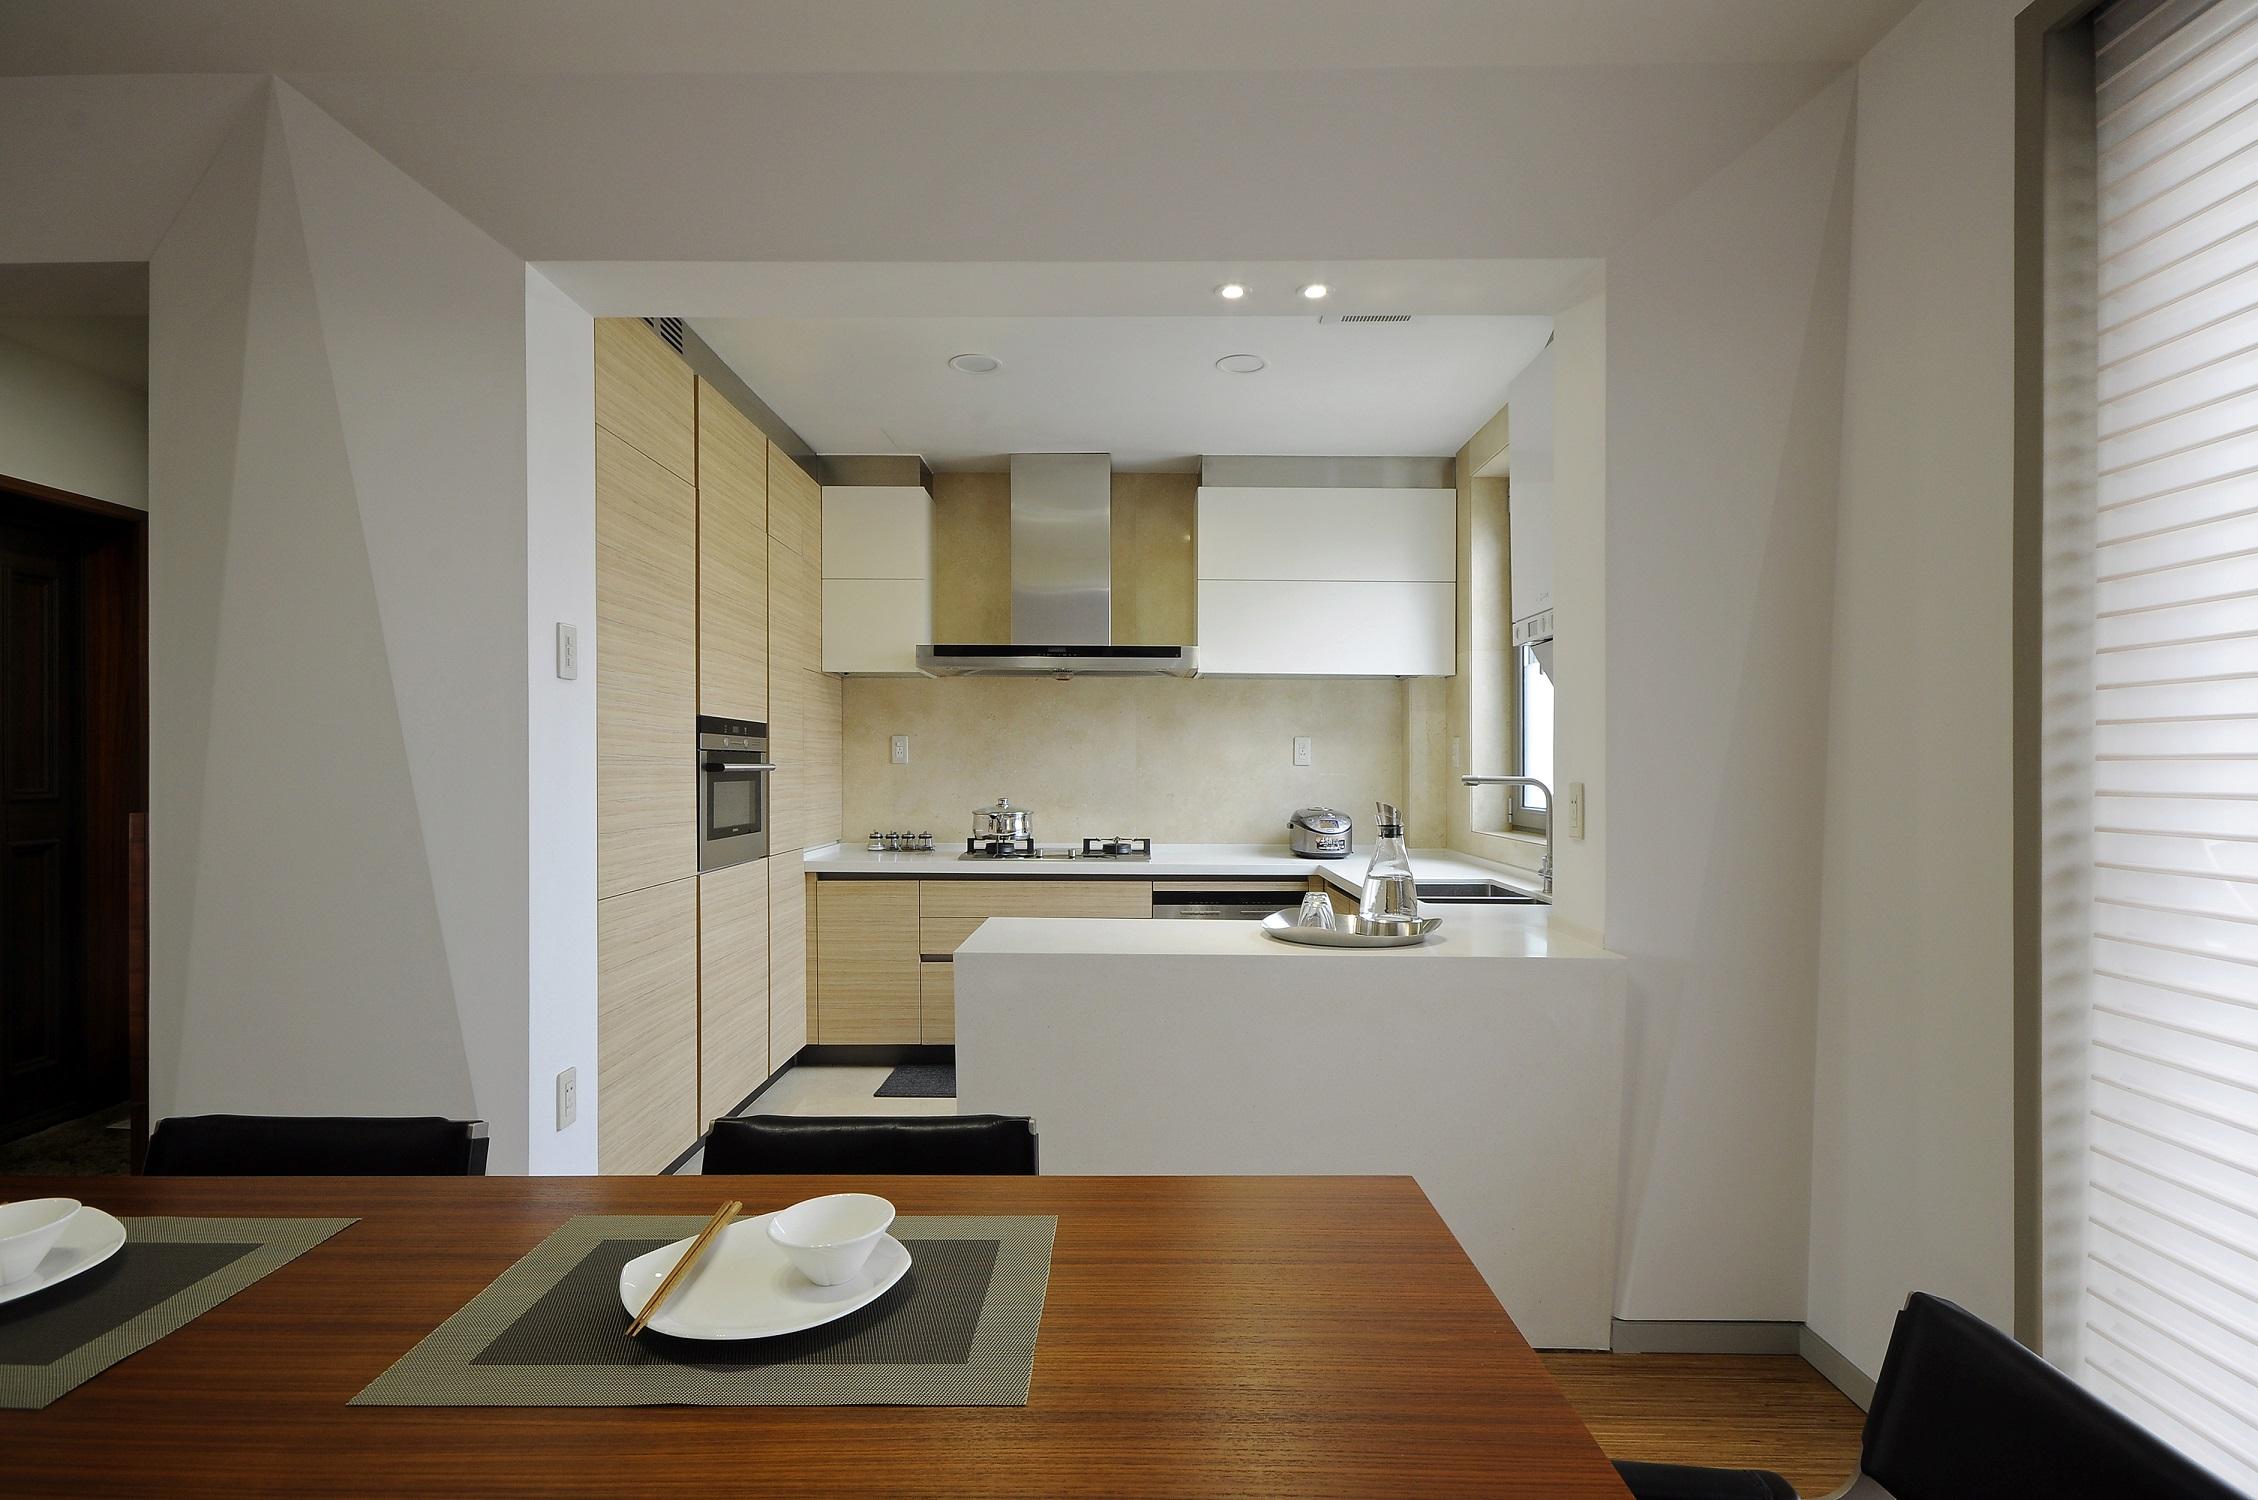 现代简约复式装修厨房设计图